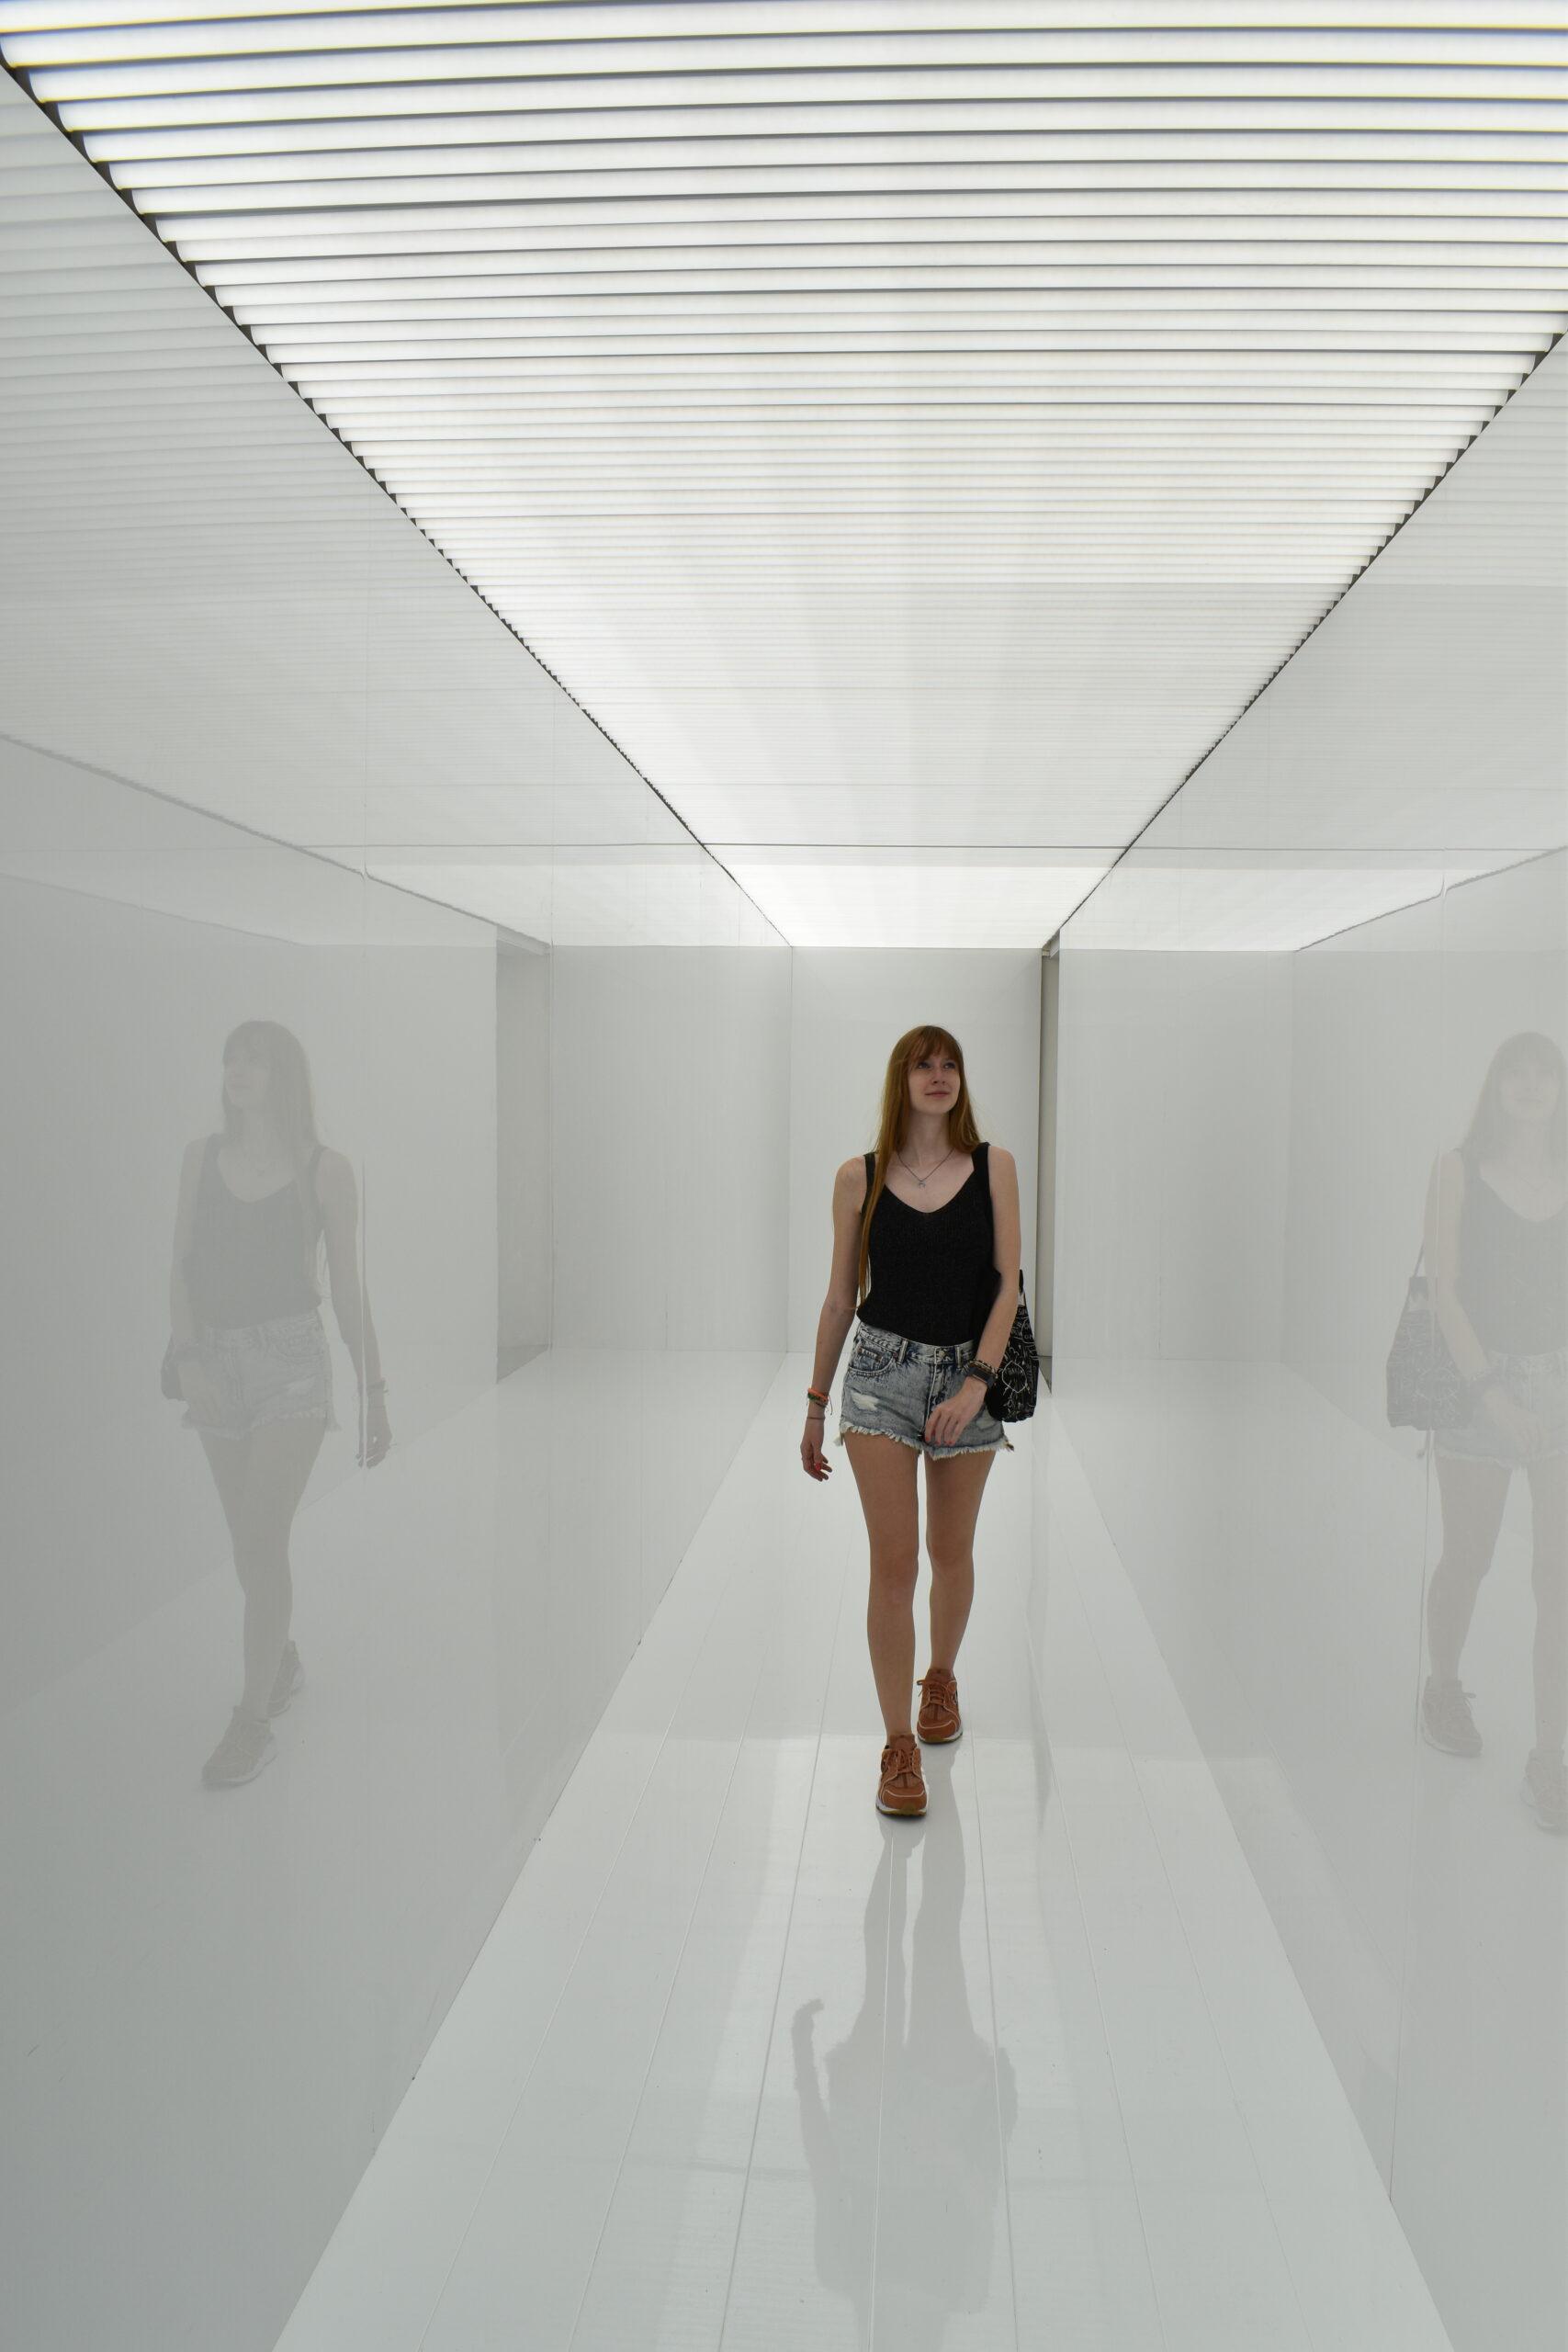 Cristina walking through a corridor of bright light